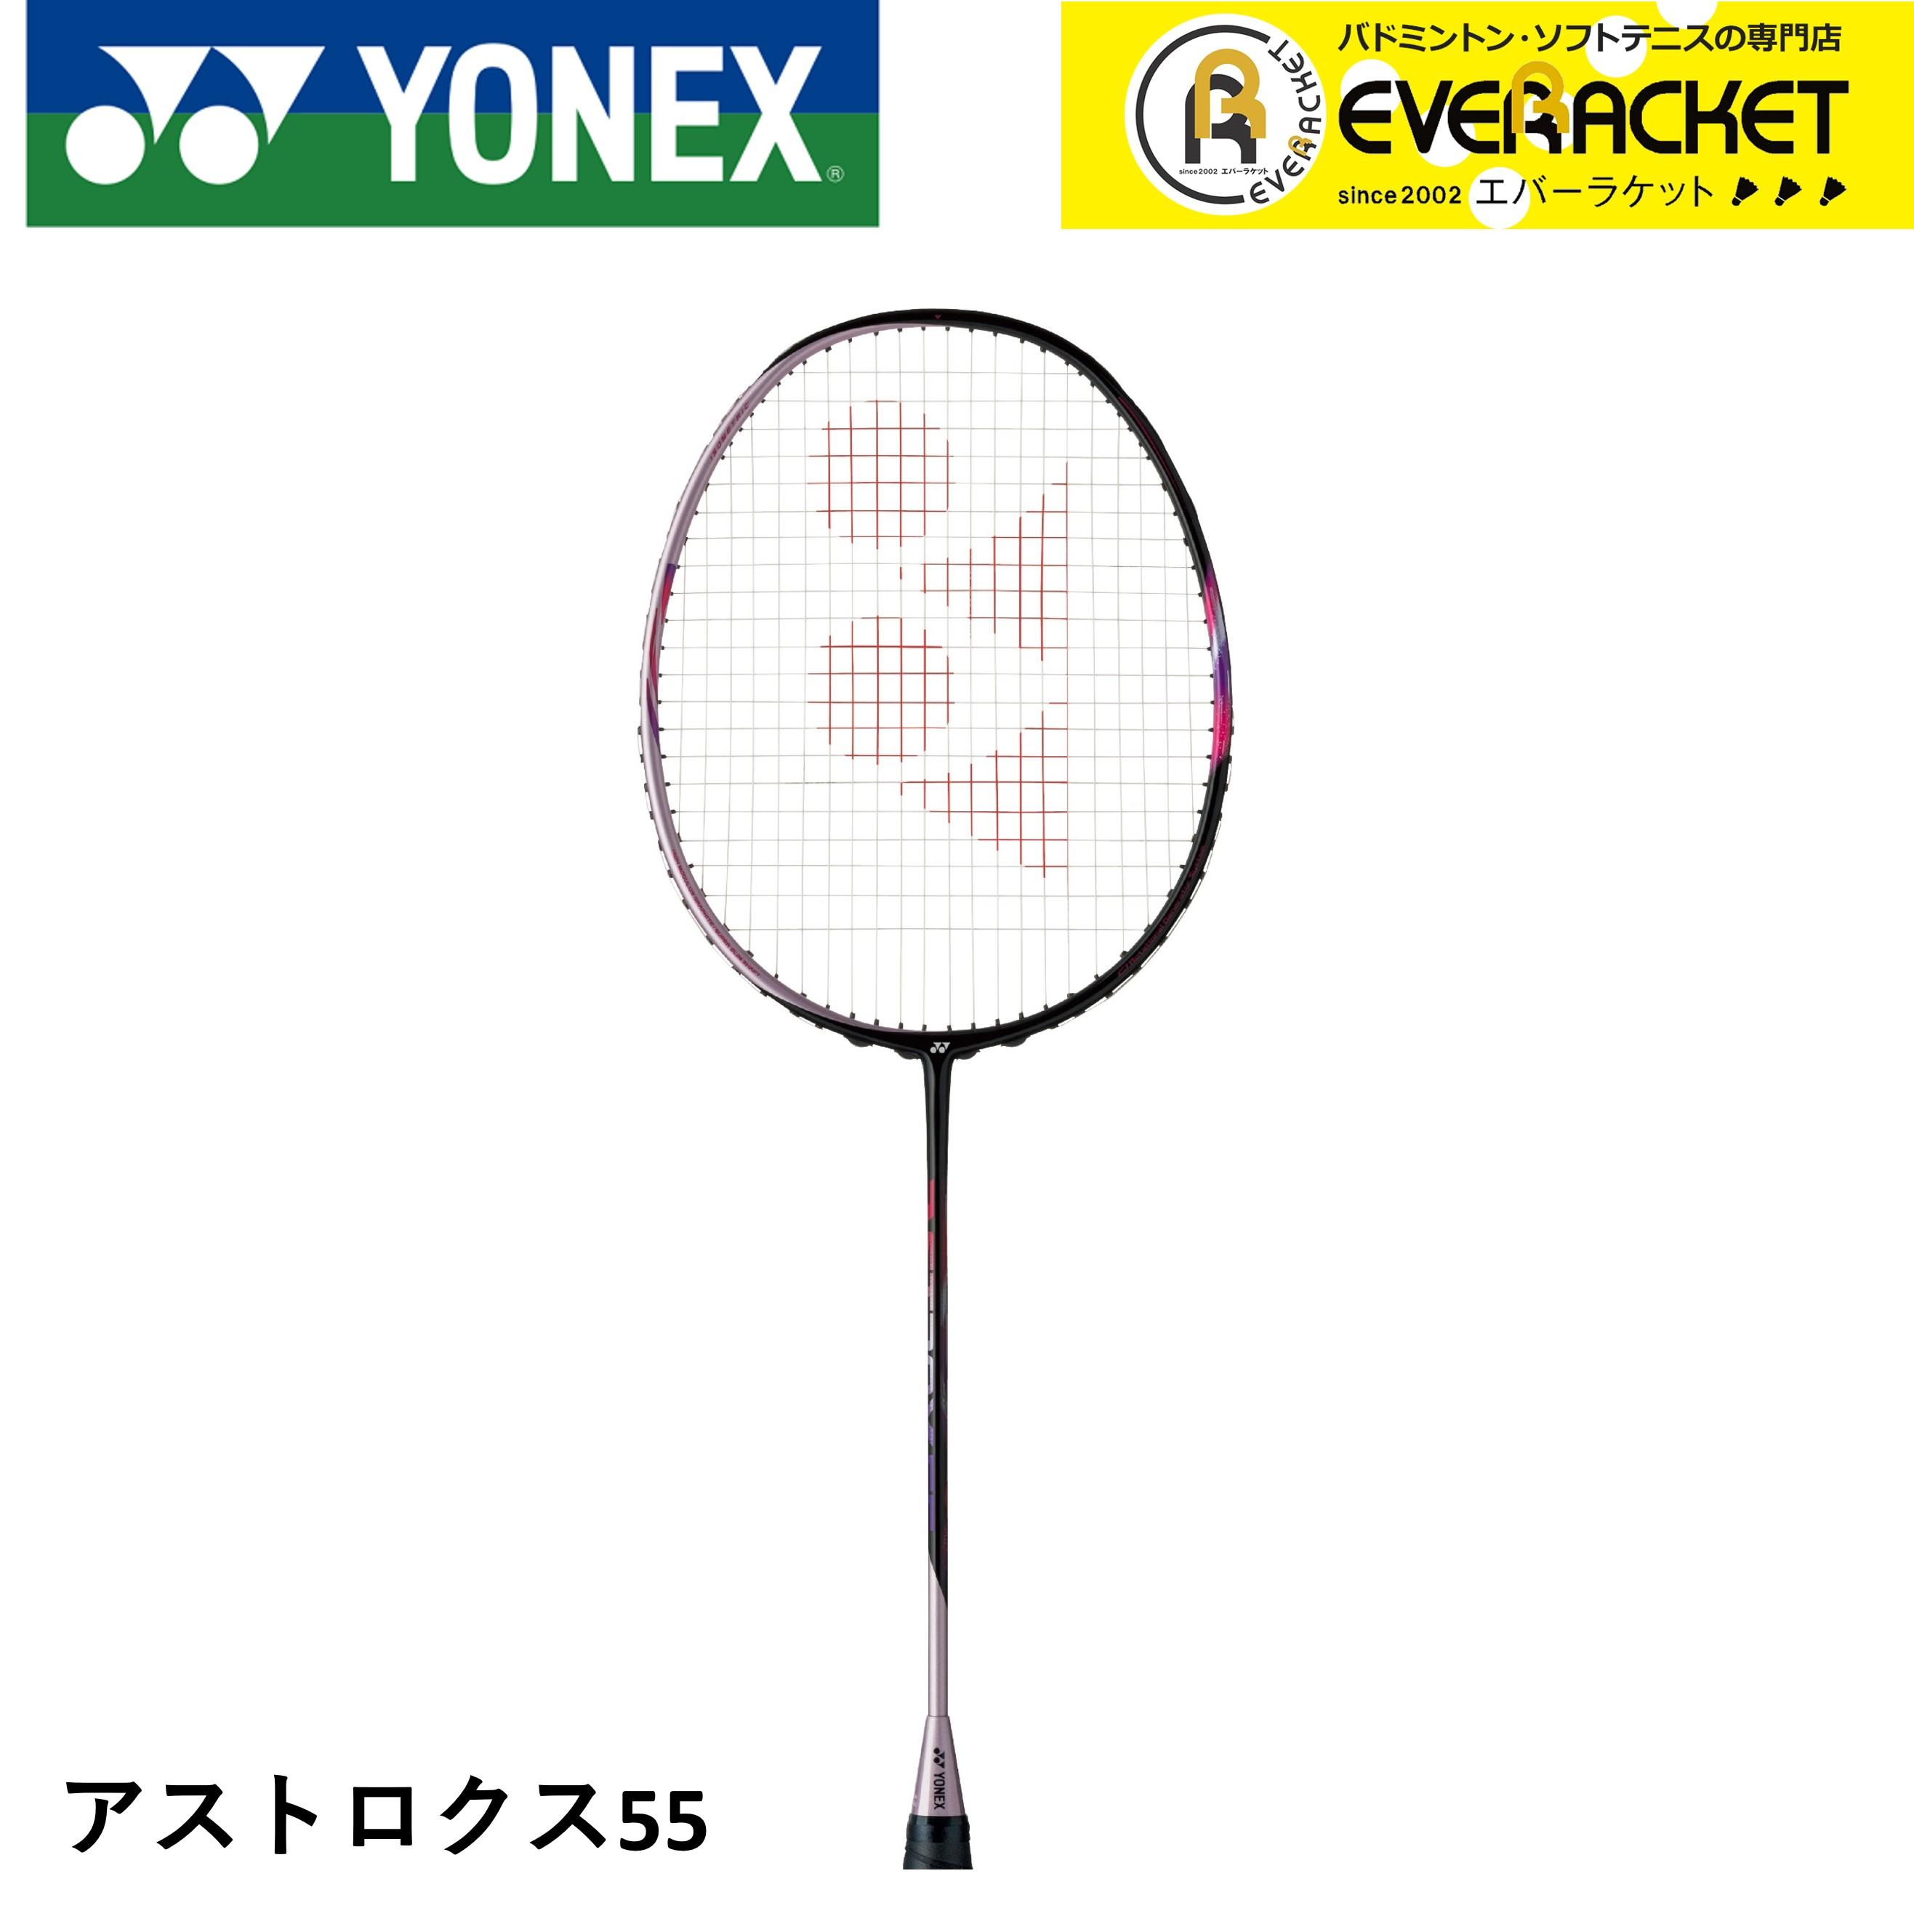 ヨネックス YONEX バドミントンラケット アストロクス55 AX55 バドミントン 《ガット代・張り代無料》